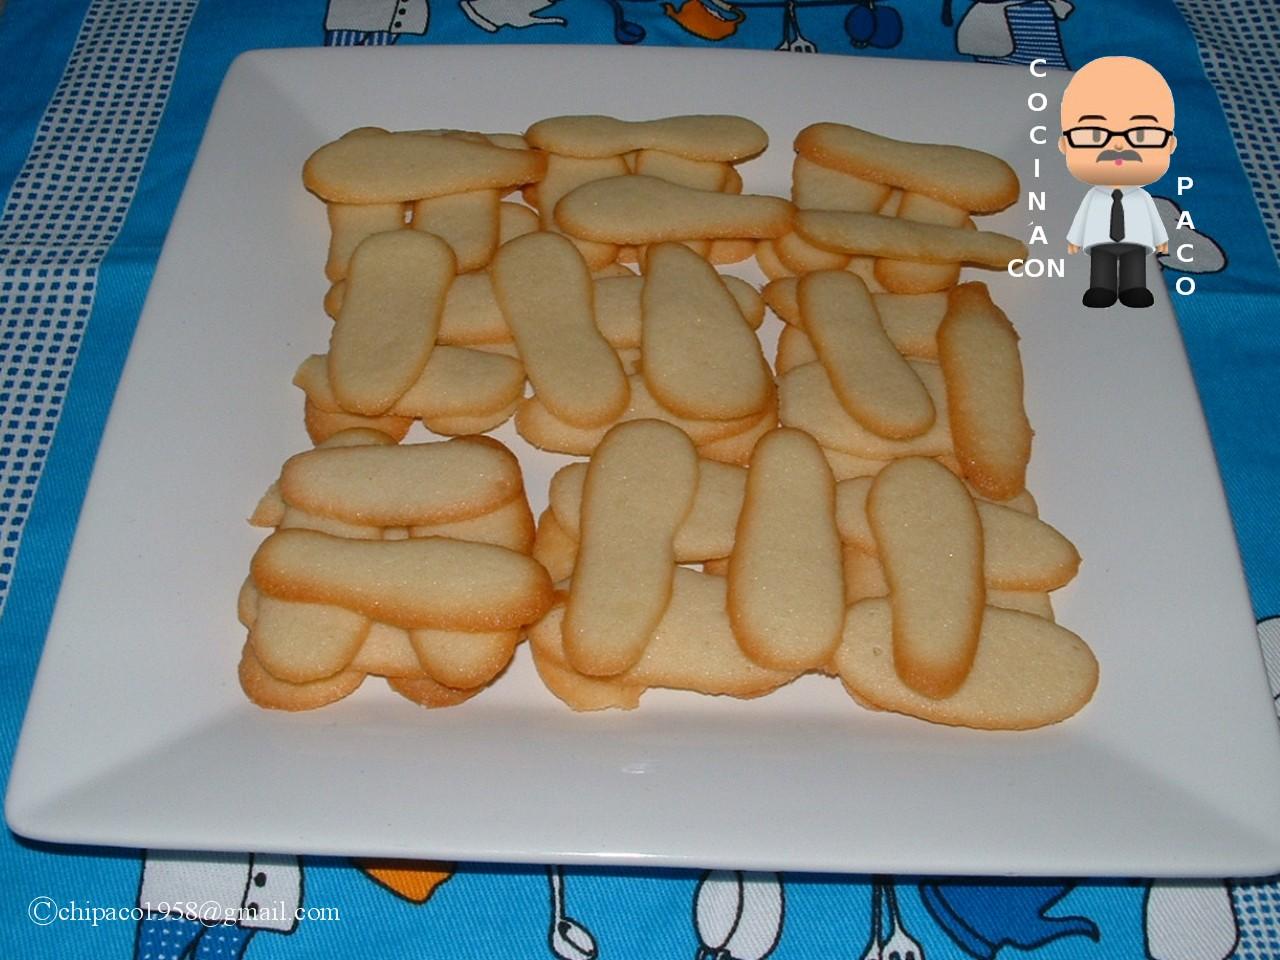 Cocina con paco lenguas de gato - Cocina con paco ...